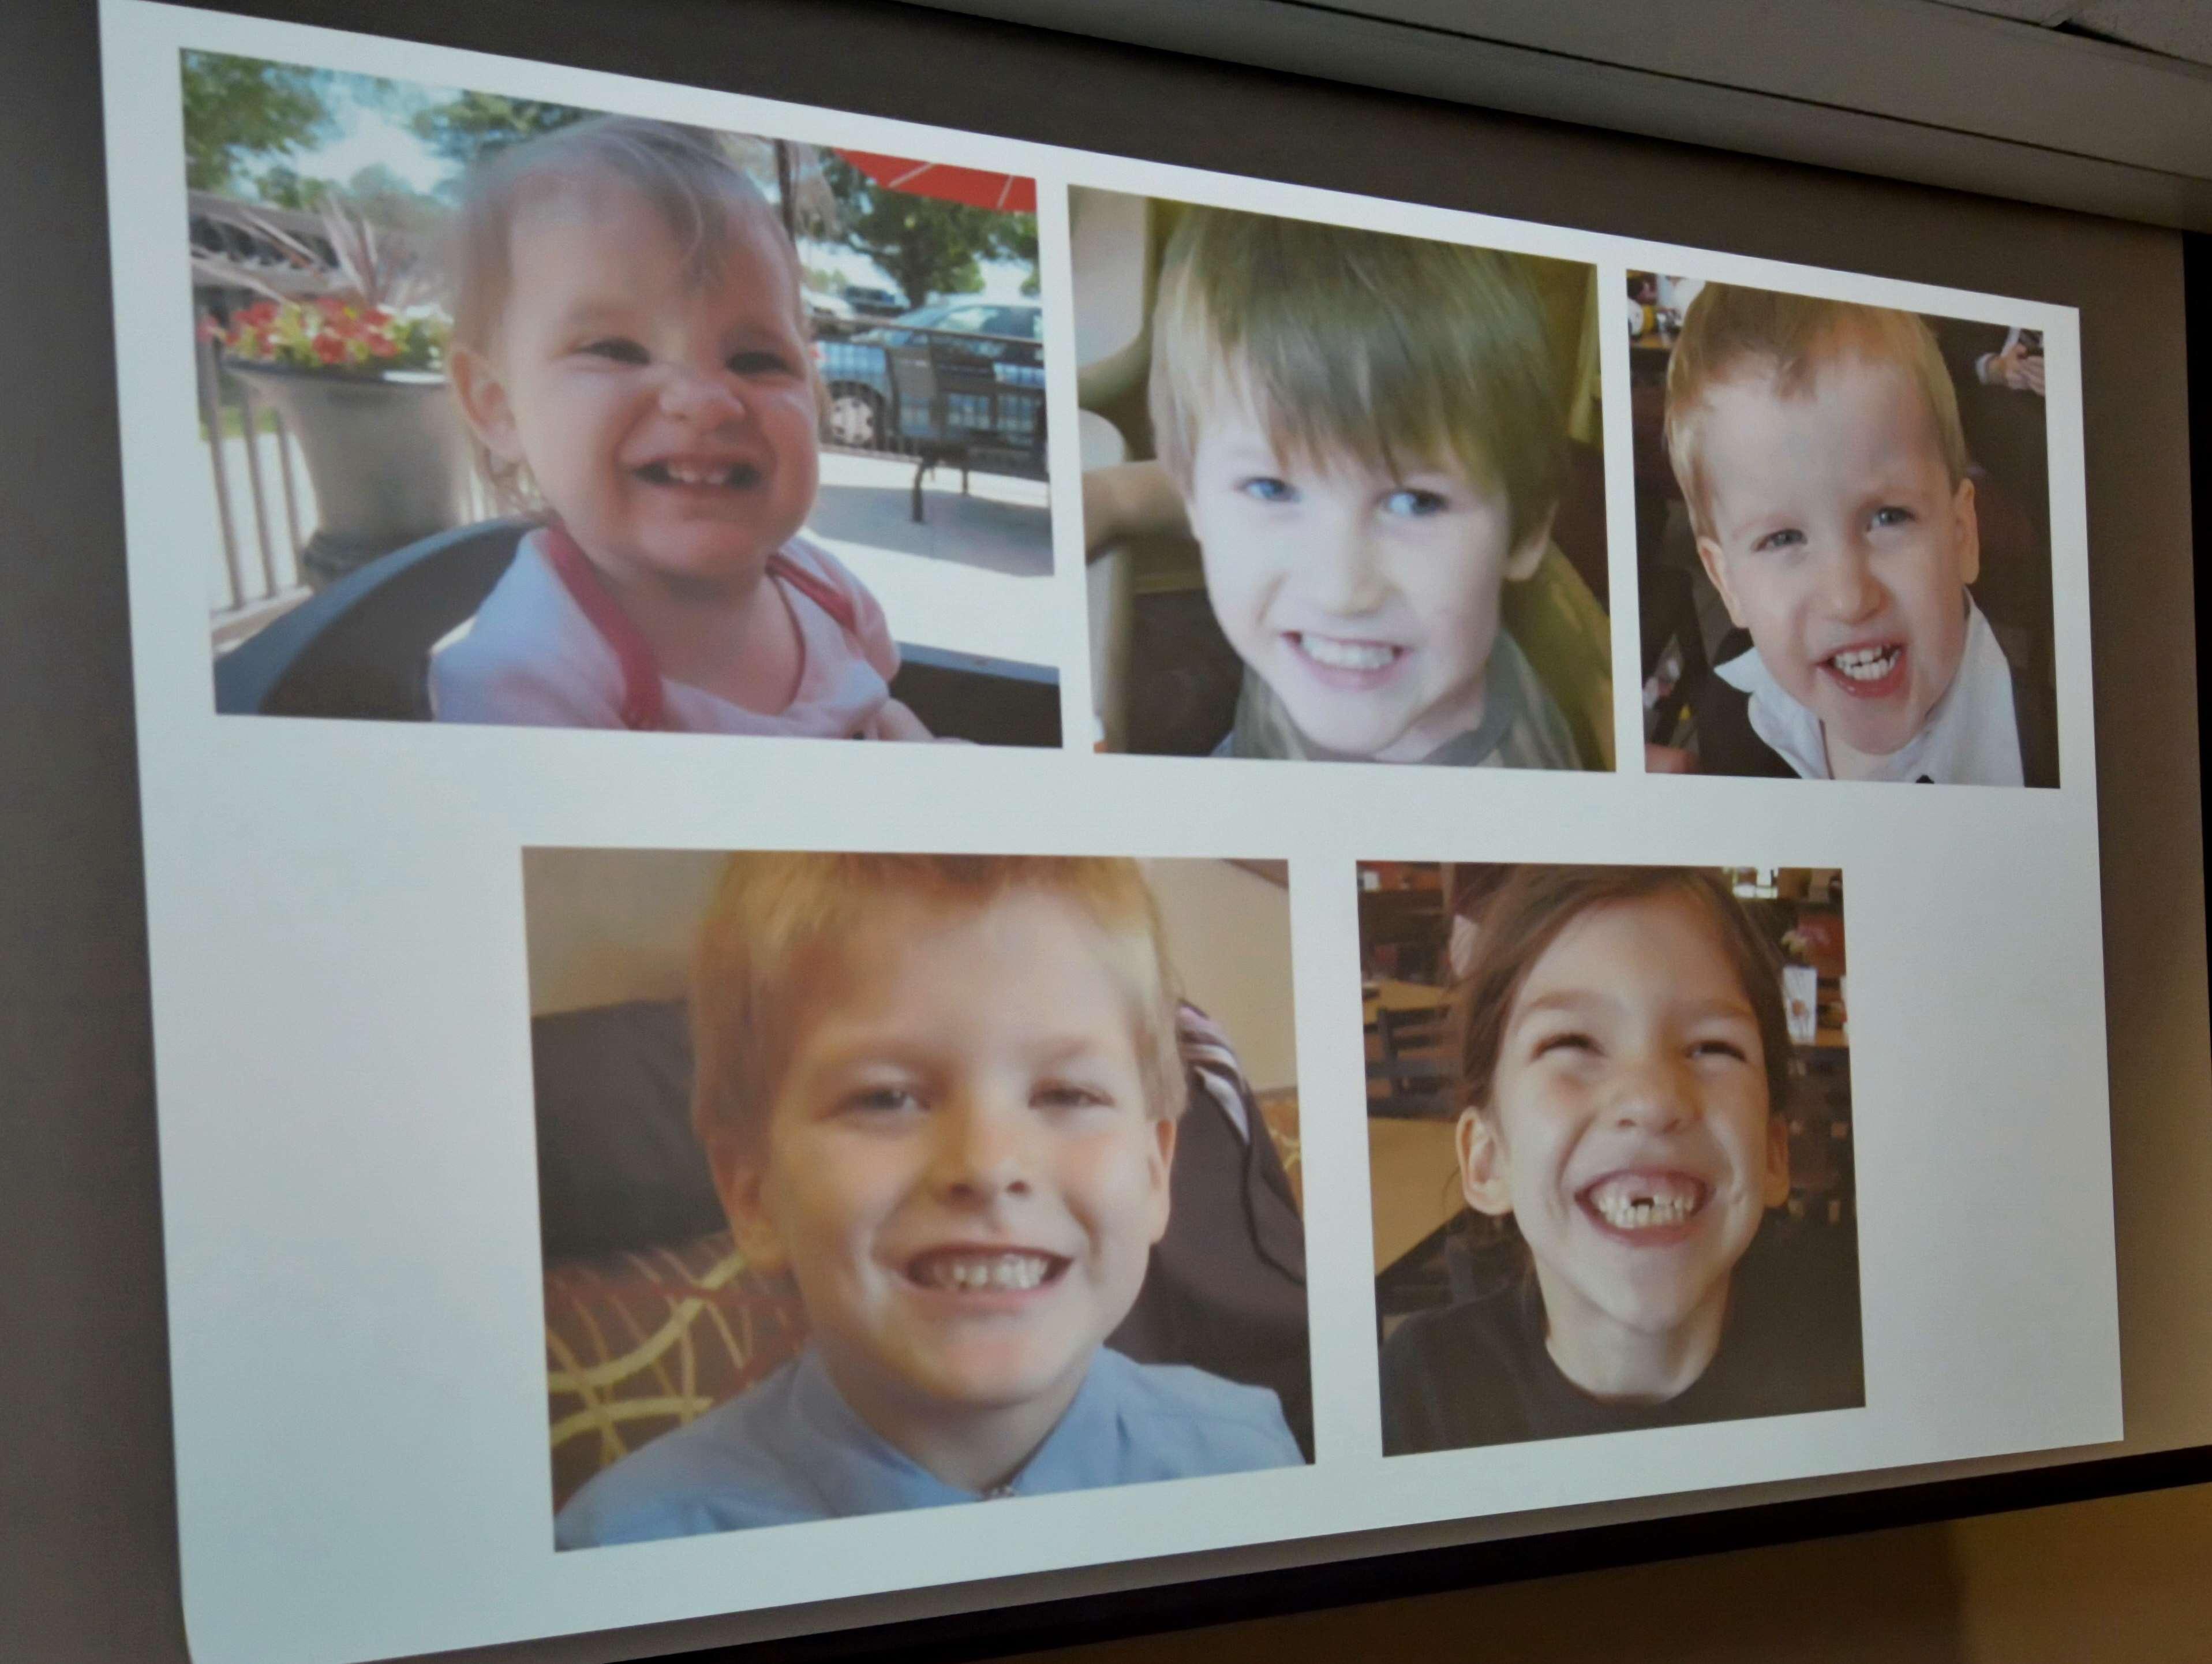 La imagen de las pequeñas víctimas de Timothy Ray Jones Jr. fue mostrada durante una conferencia de prensa en Lexington, el 10 de septiembre de 2014. Foto: AP en español